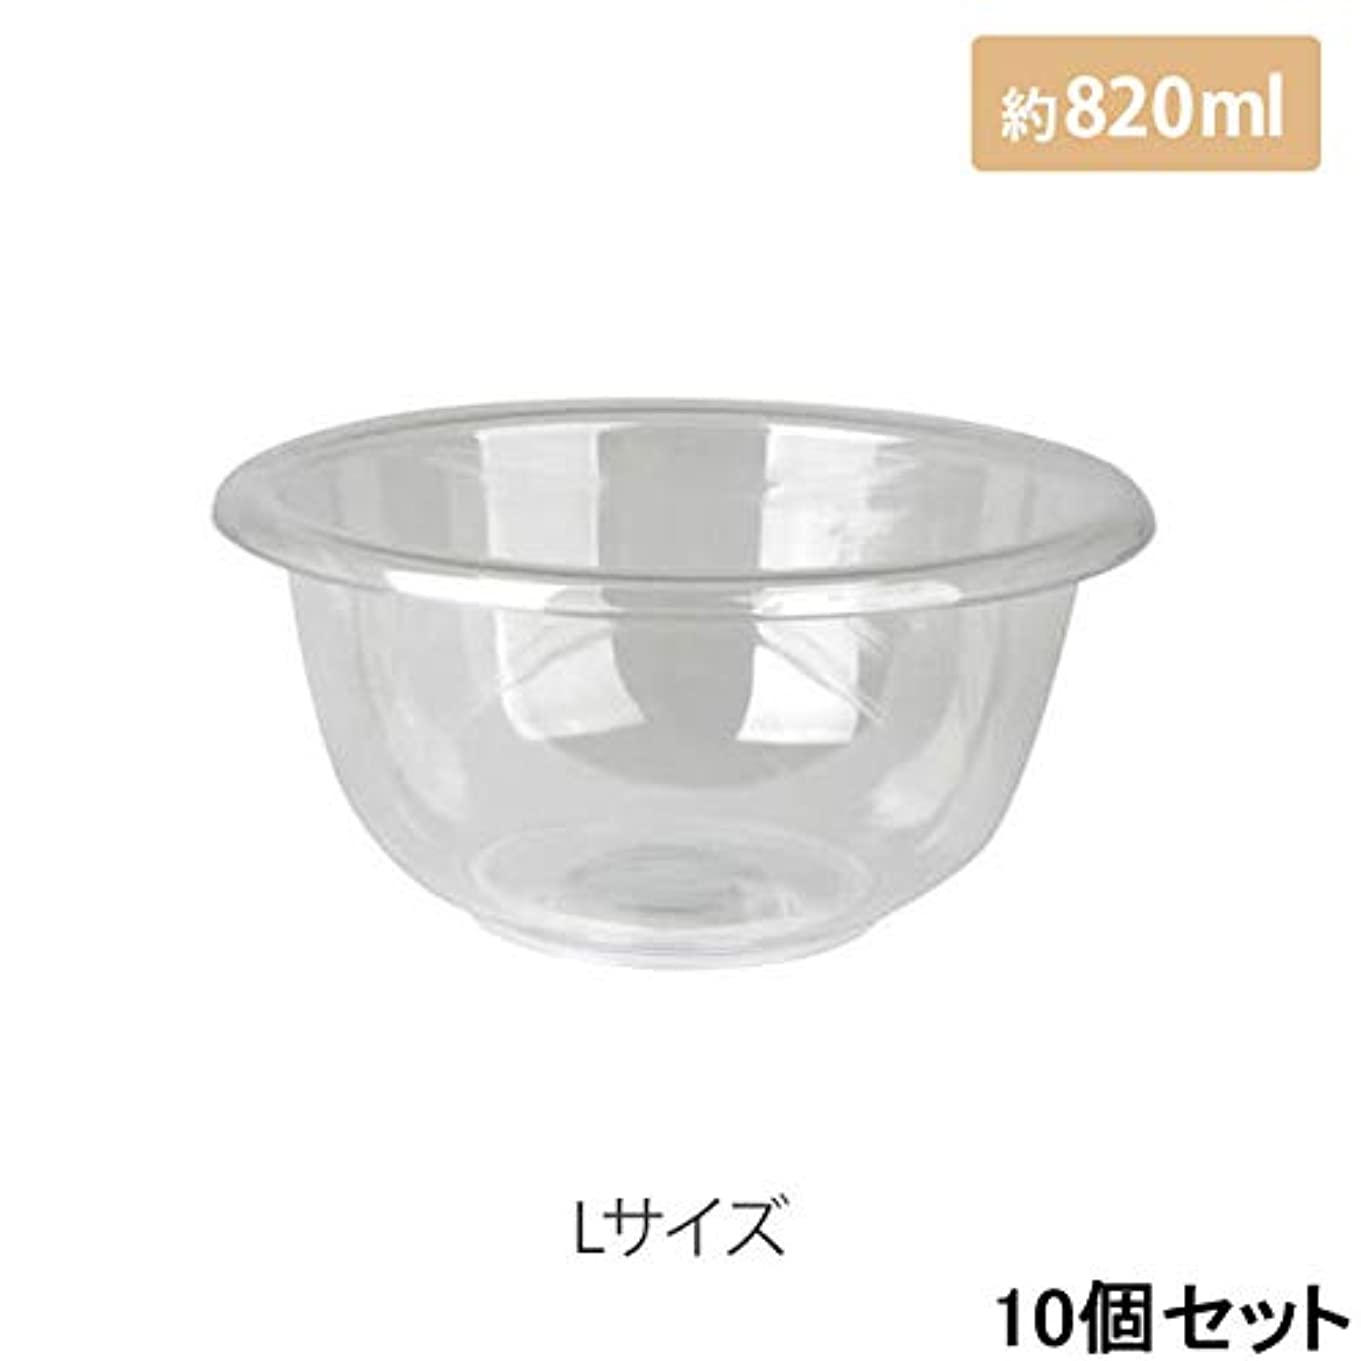 主要な魅了するましいマイスター プラスティックボウル (Lサイズ) クリア 直径19.5cm (10個セット) [ プラスチックボール カップボウル カップボール エステ サロン プラスチック ボウル カップ 割れない ]